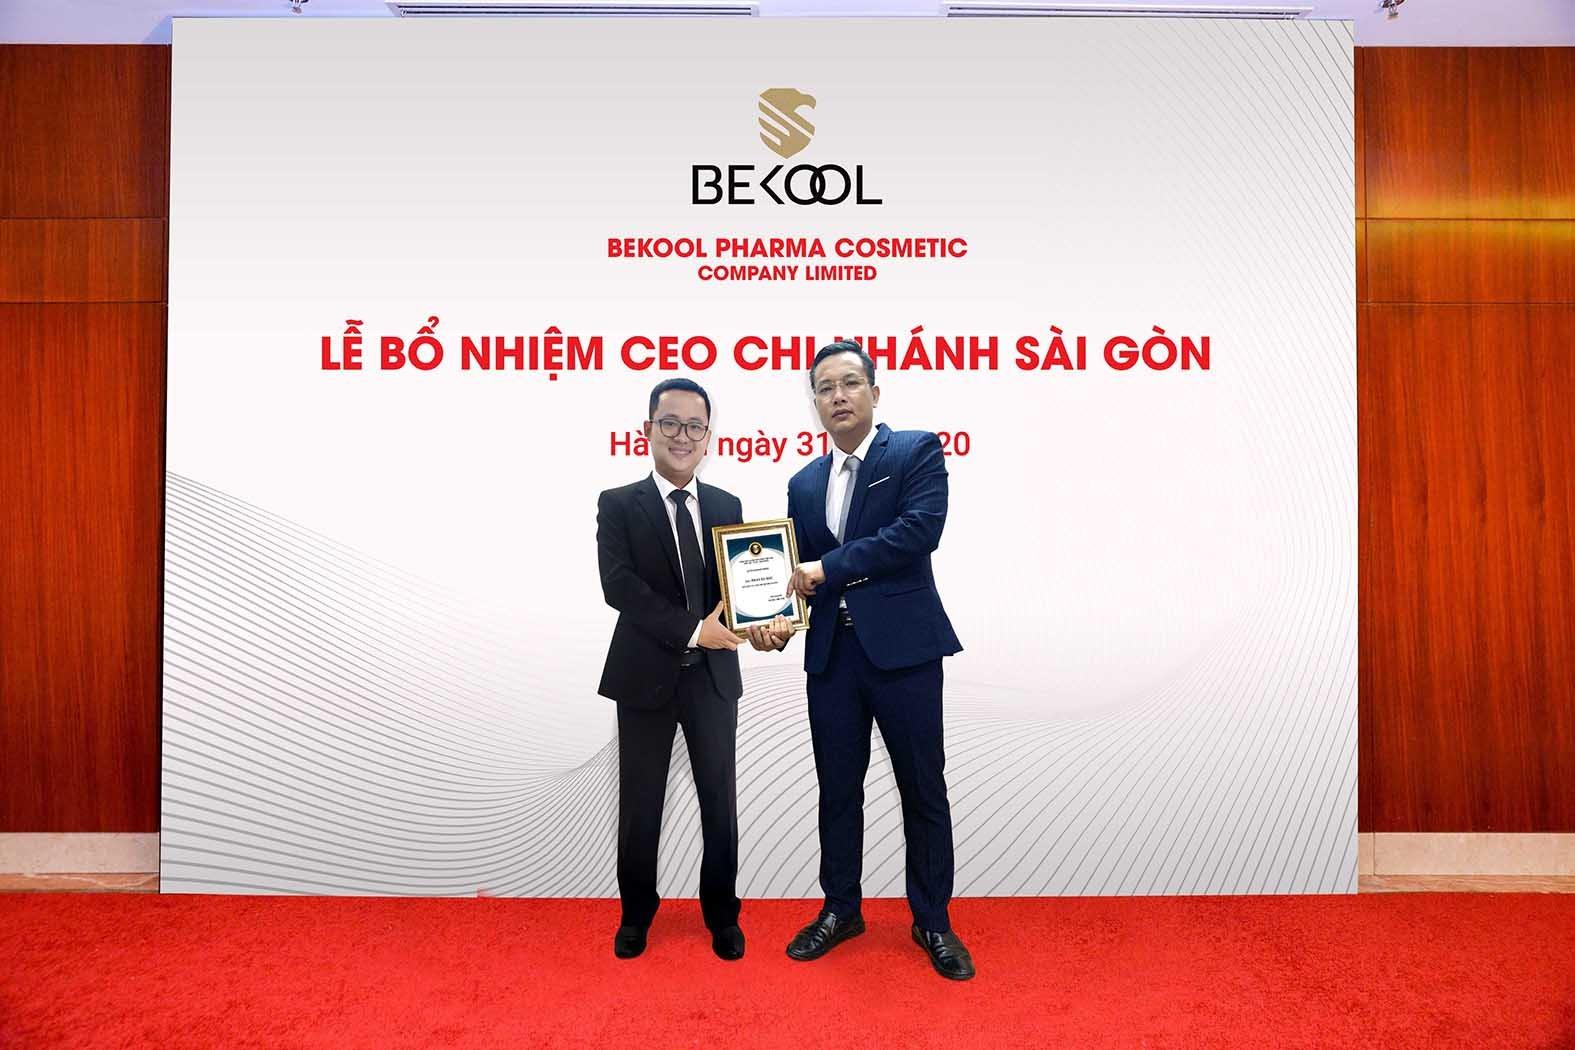 Lễ công bố sản phẩm Bemen và bổ nhiệm lãnh đạo cao cấp Bekool - Ảnh 2